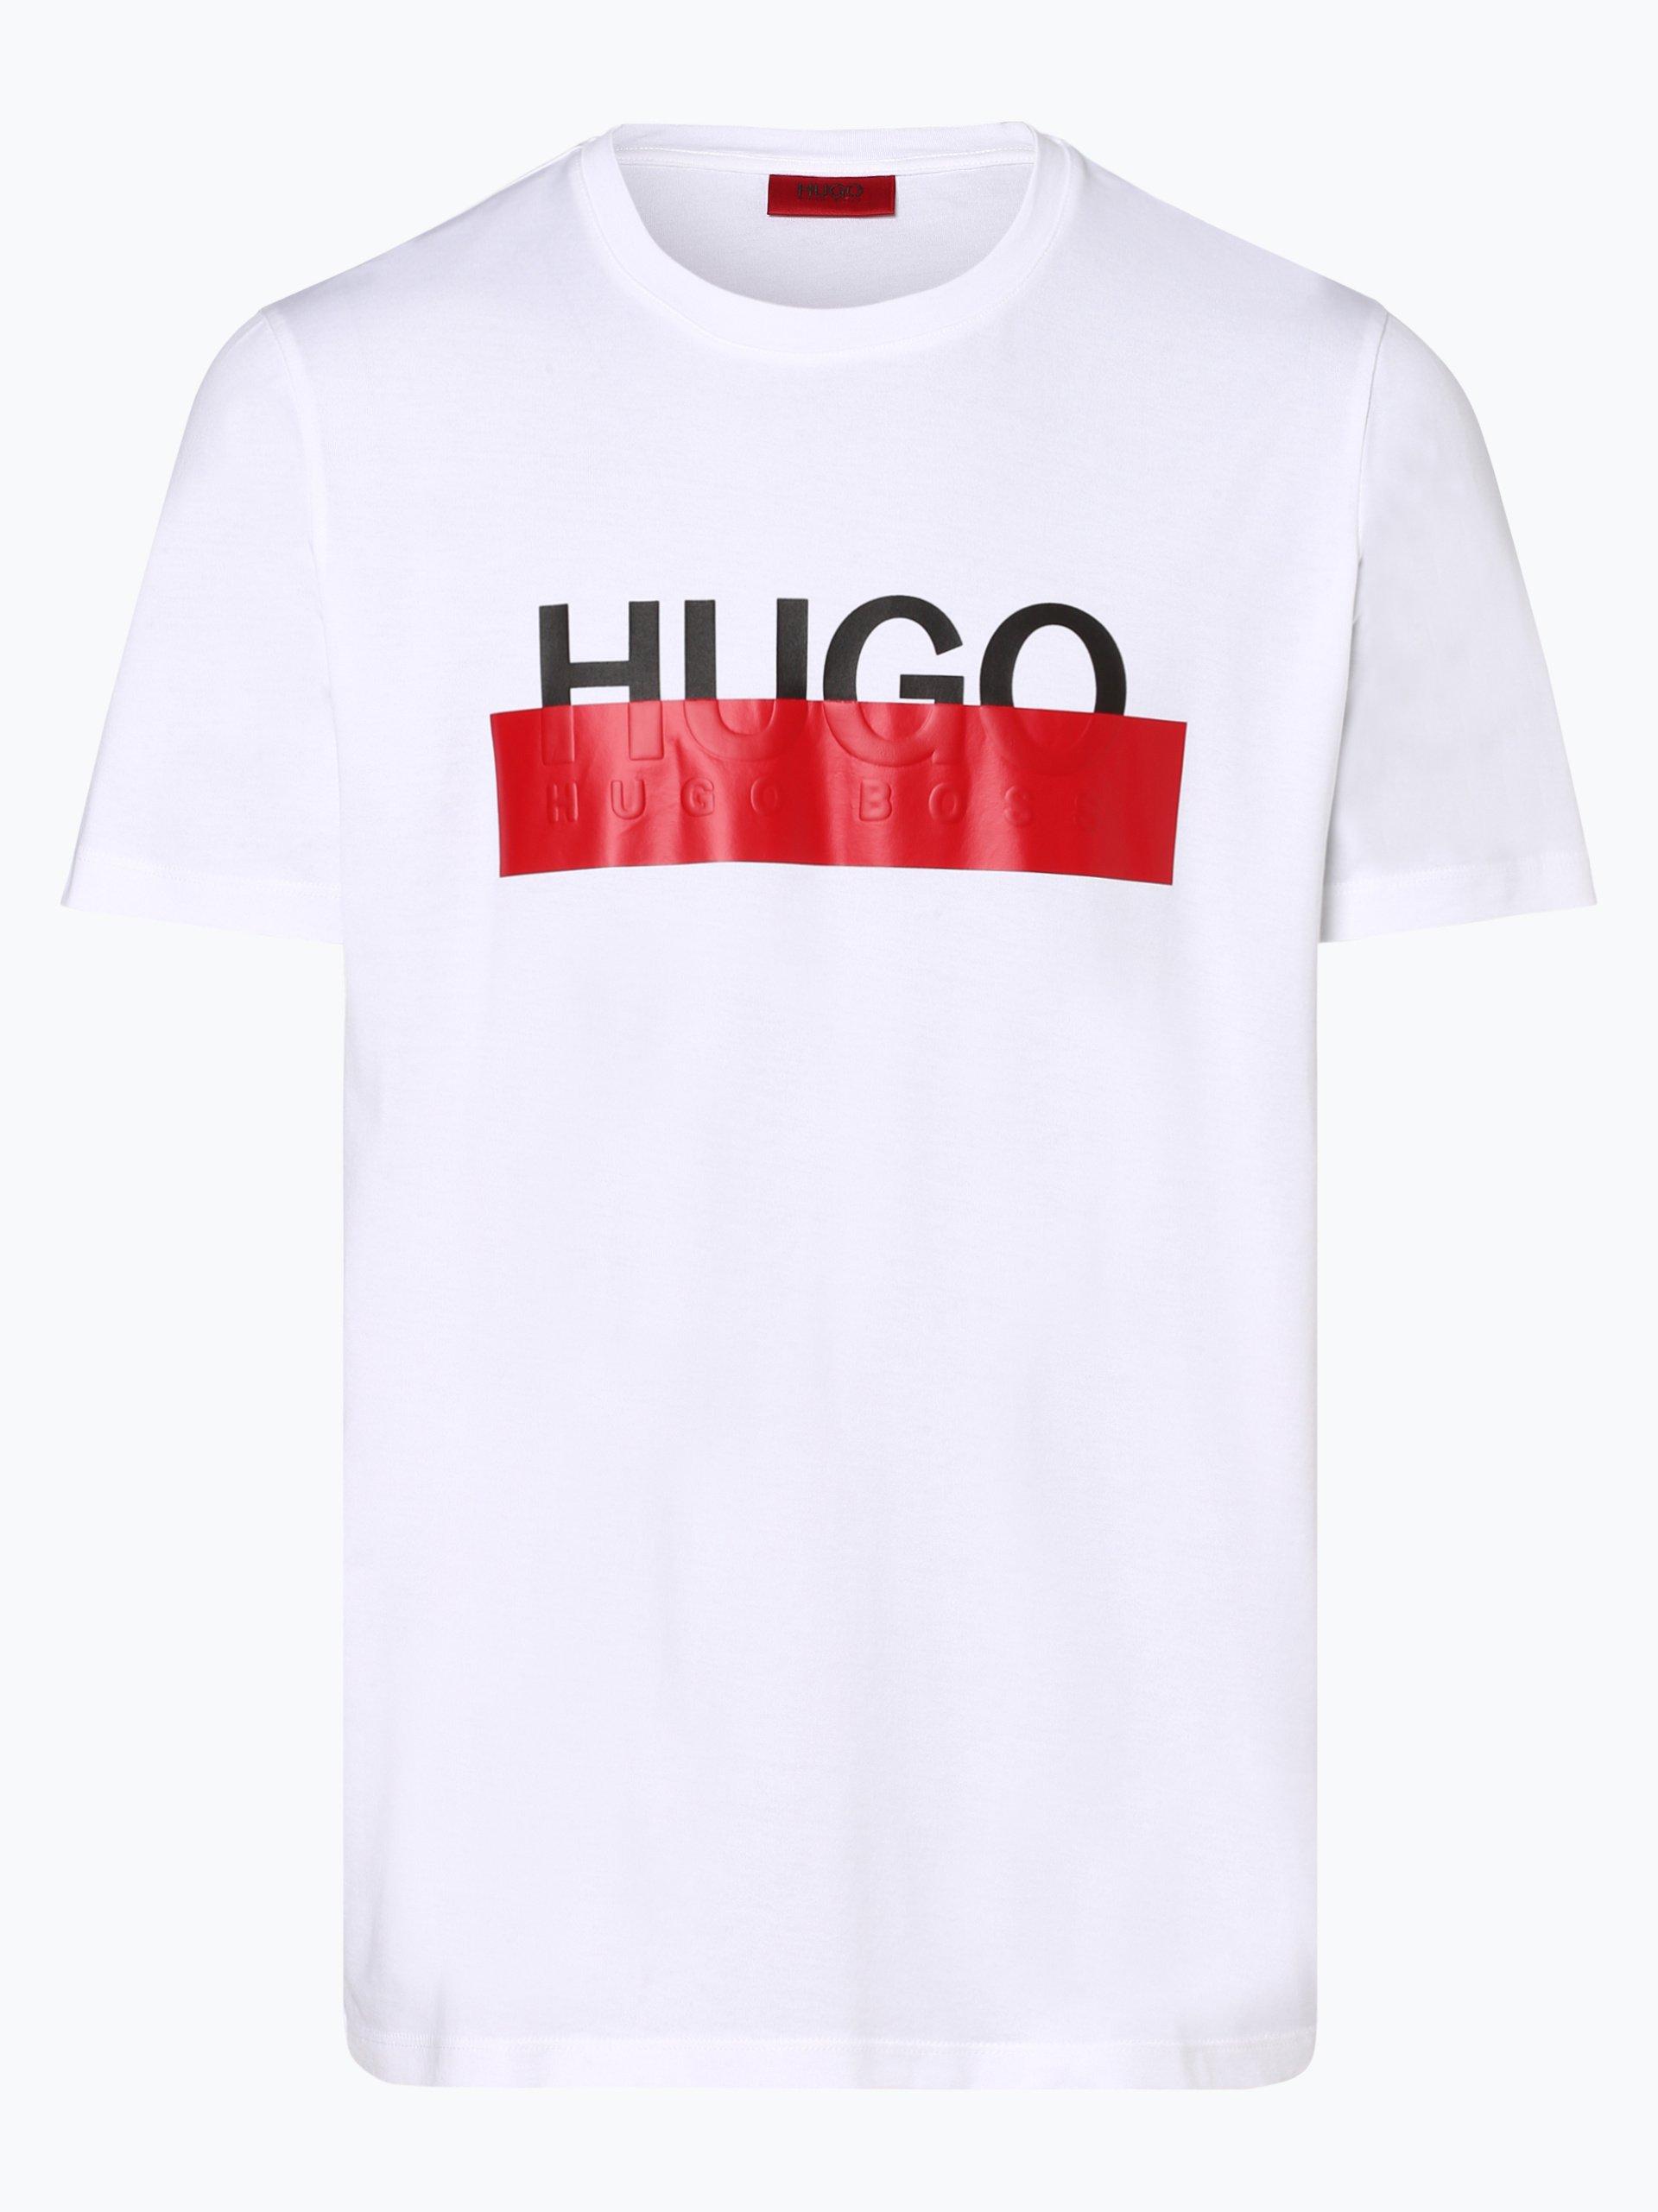 HUGO Herren T-Shirt - Dolive193